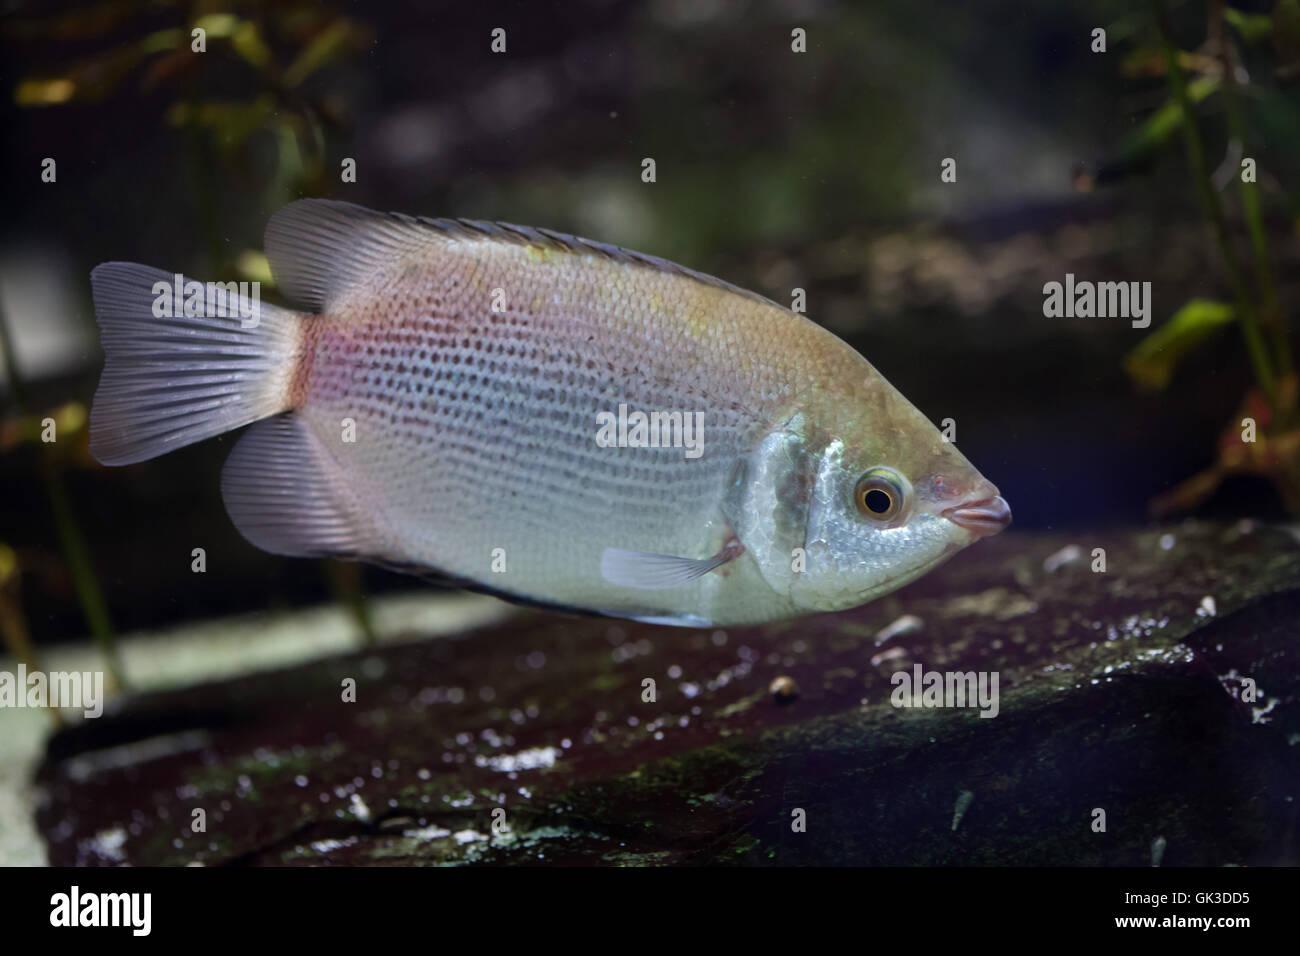 Kissing gourami helostoma temminckii also known as the for Kissing gourami fish